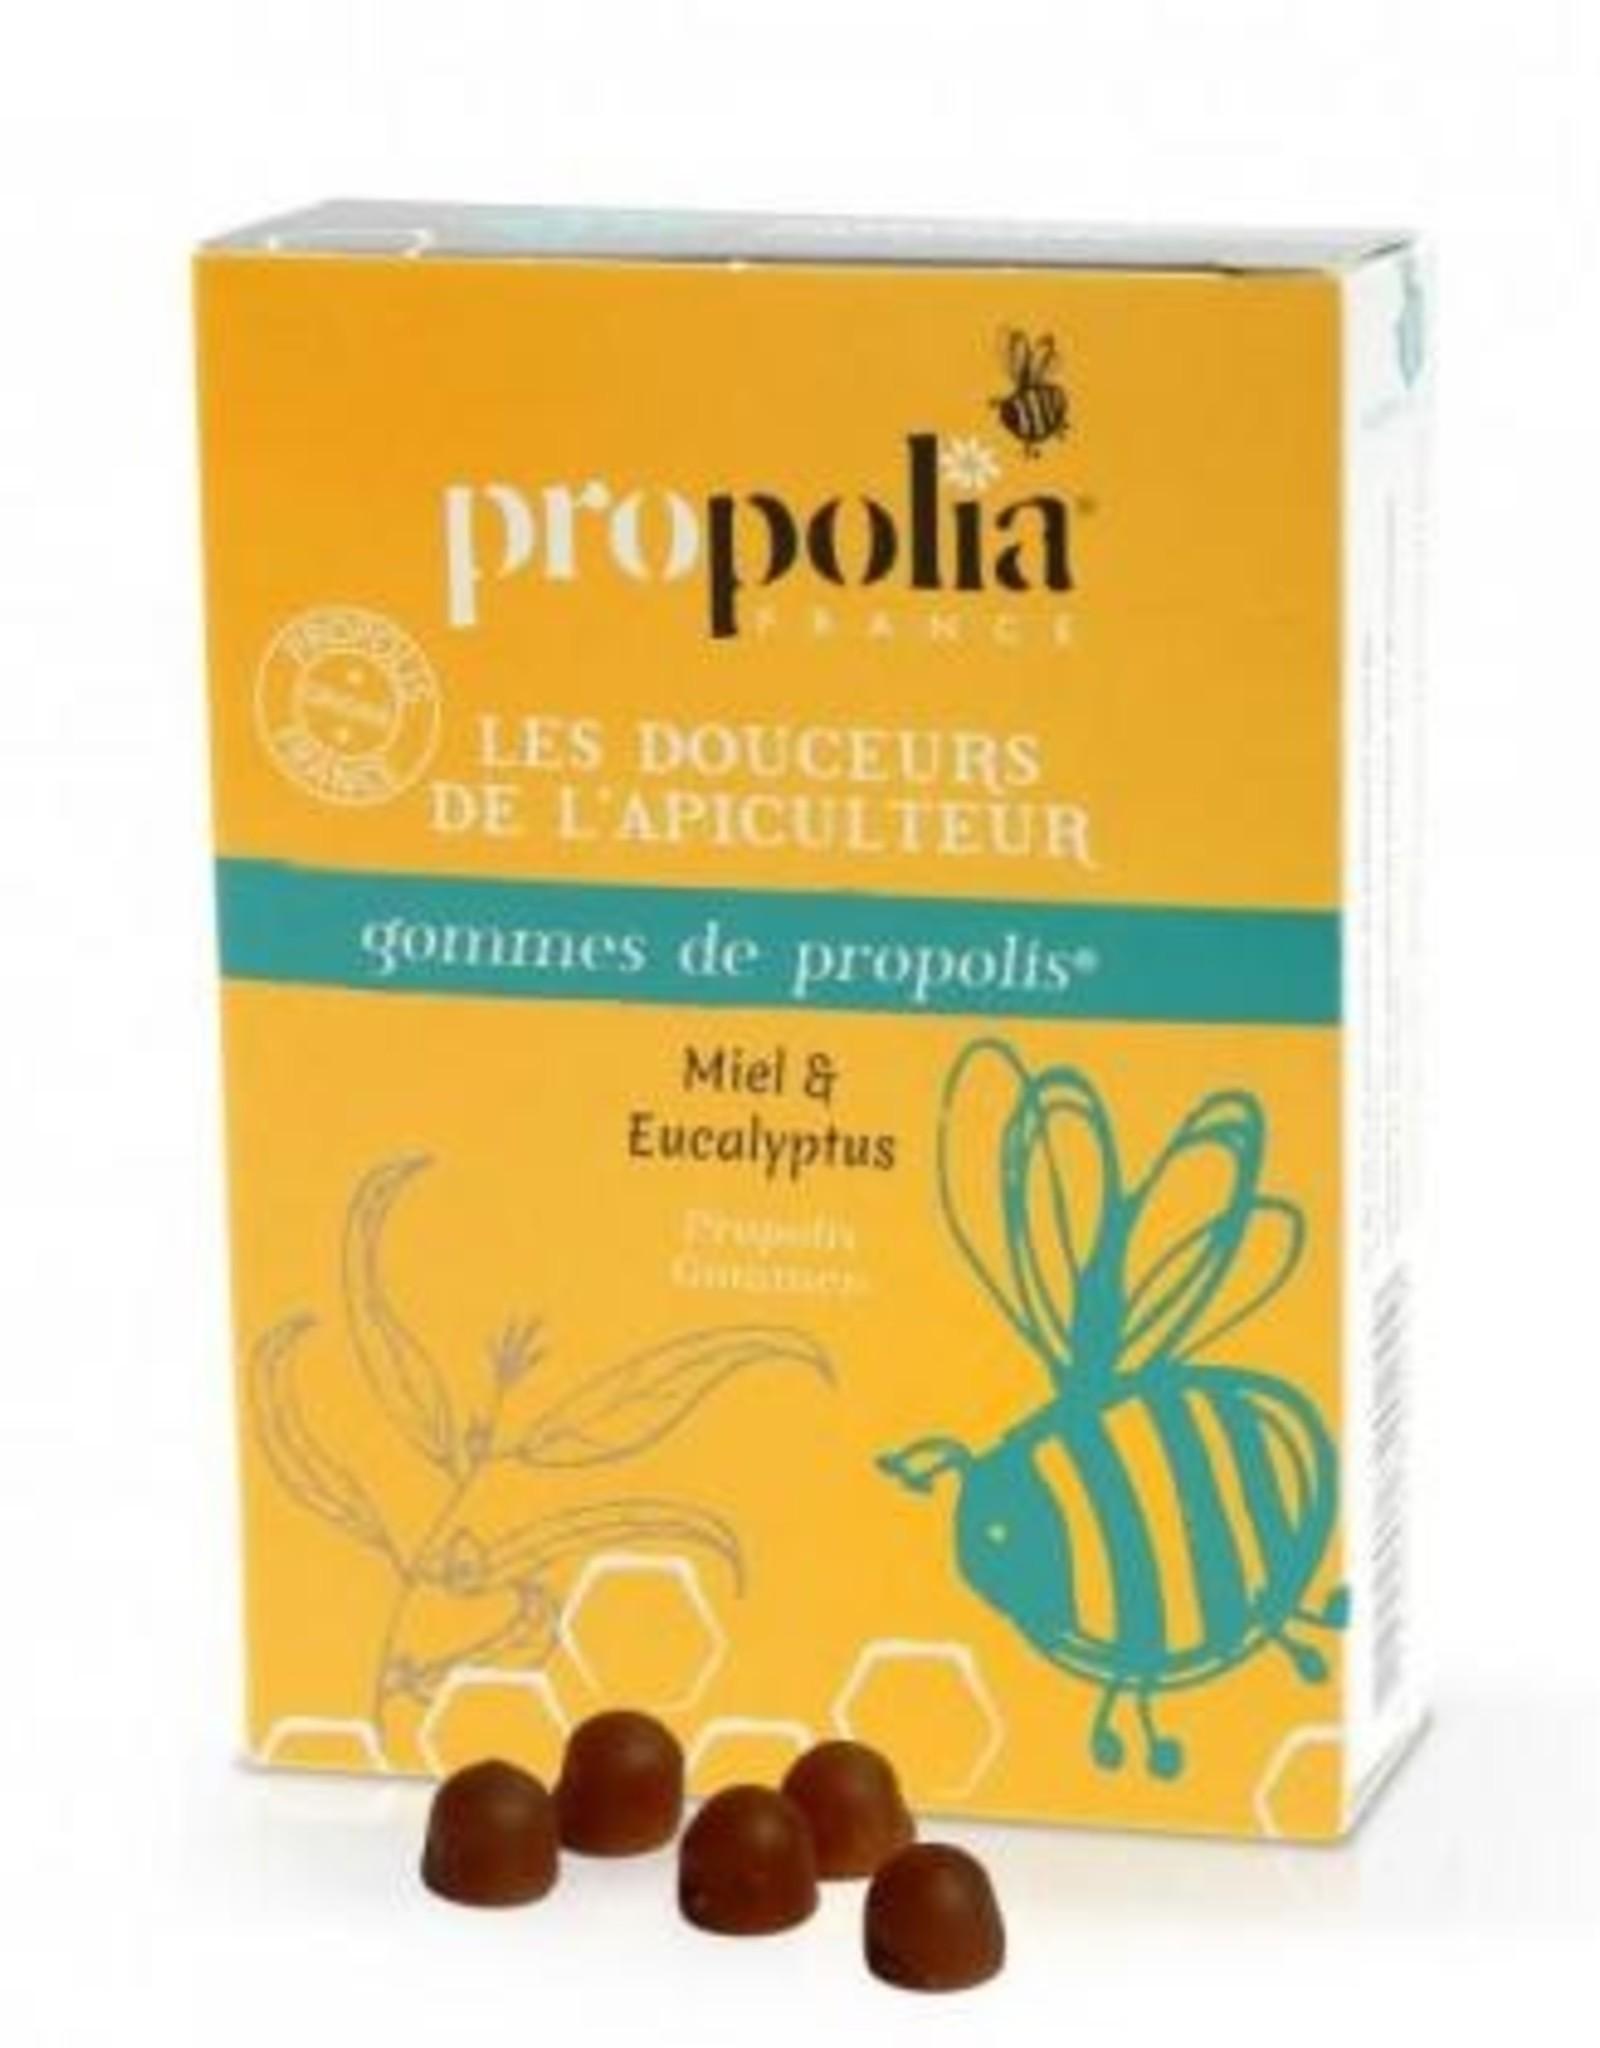 Propolia Propolispastilles met honing en eucalyptus - Propolia